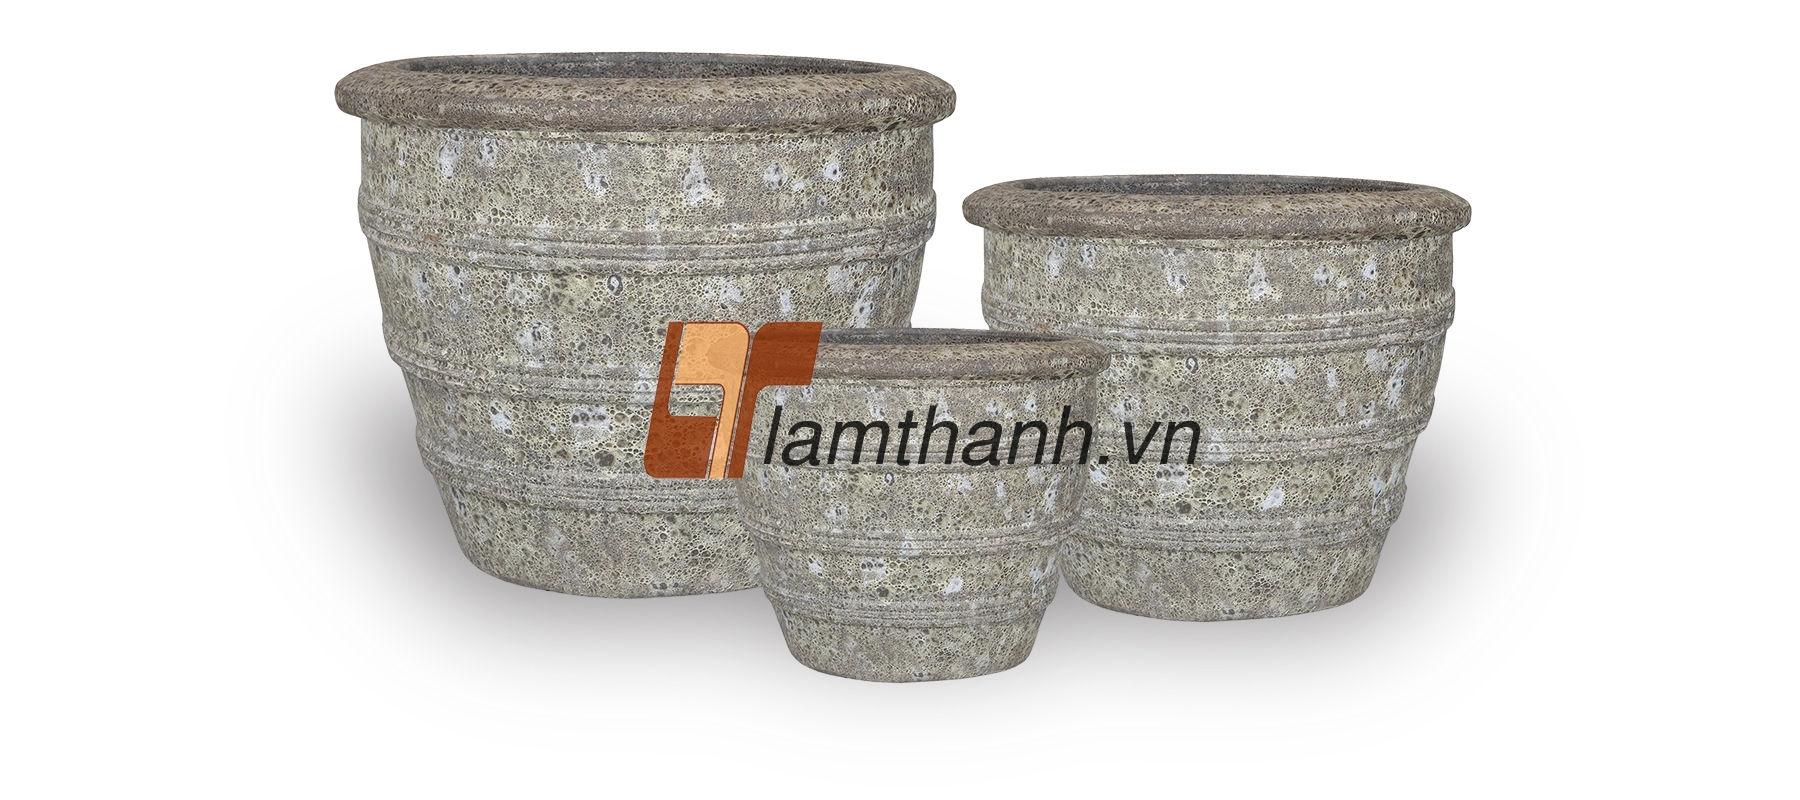 vietnam ceramic, vietnam pottery 09